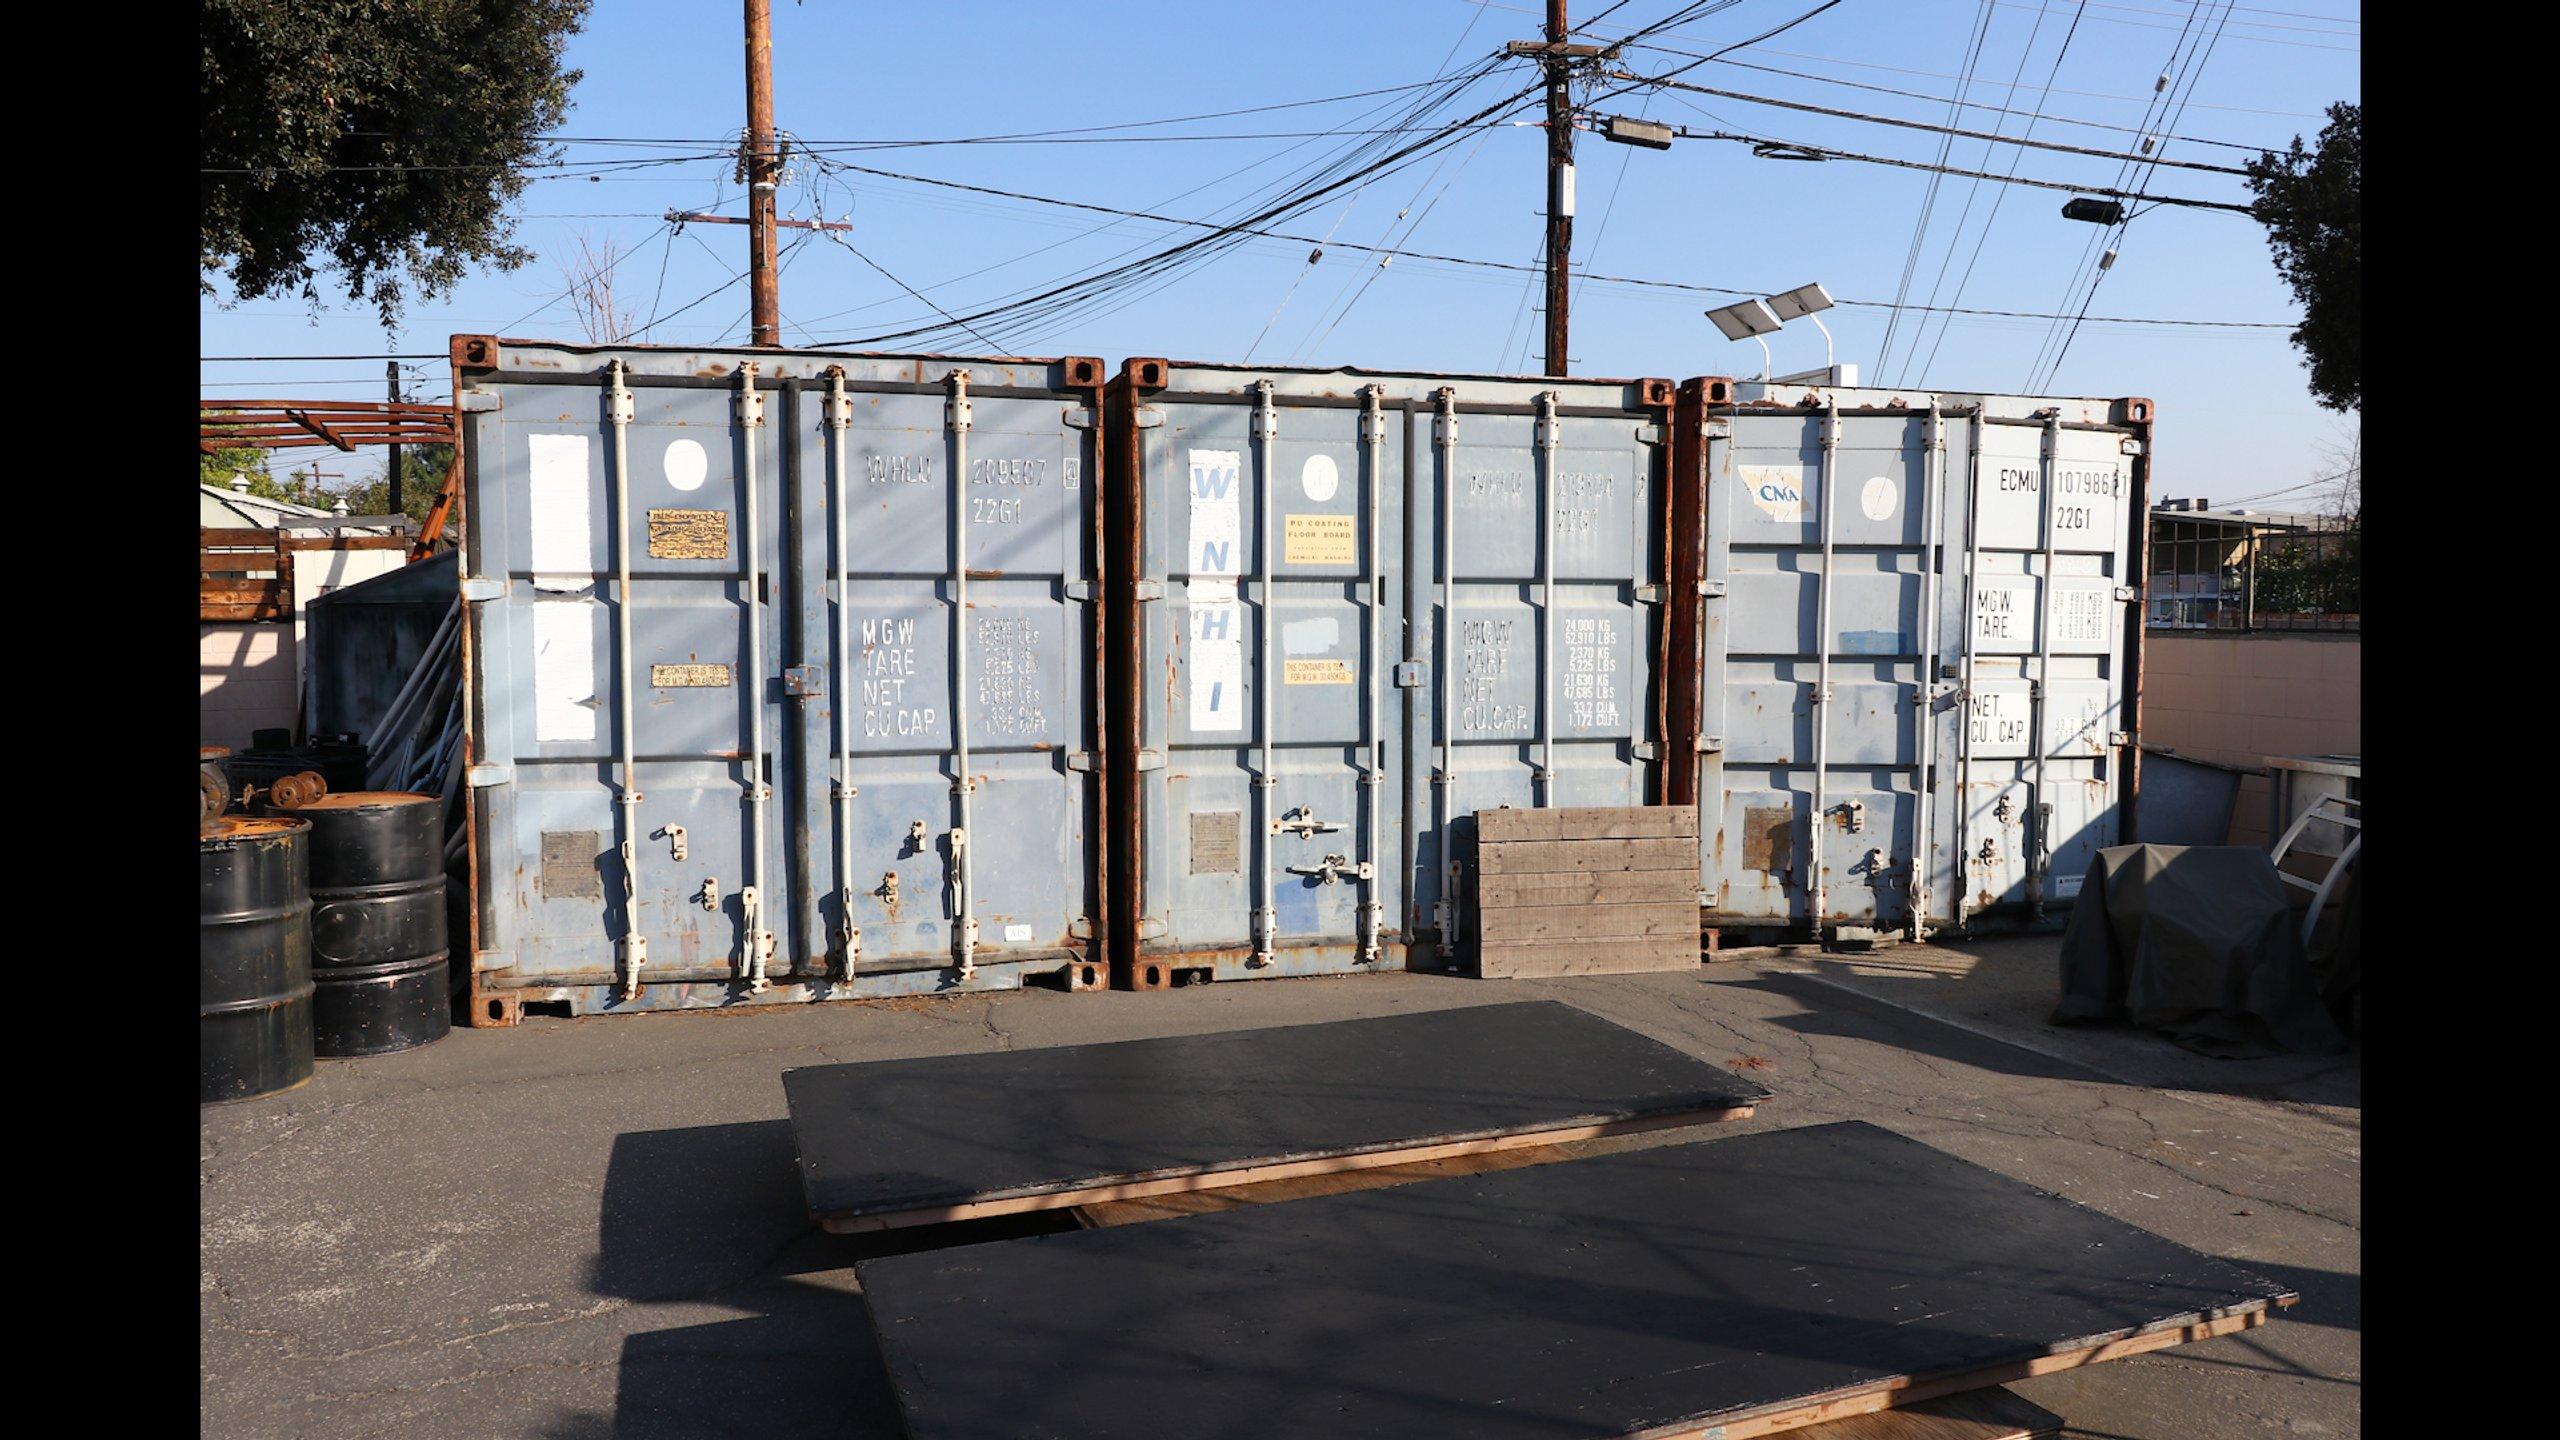 20x8 Other self storage unit